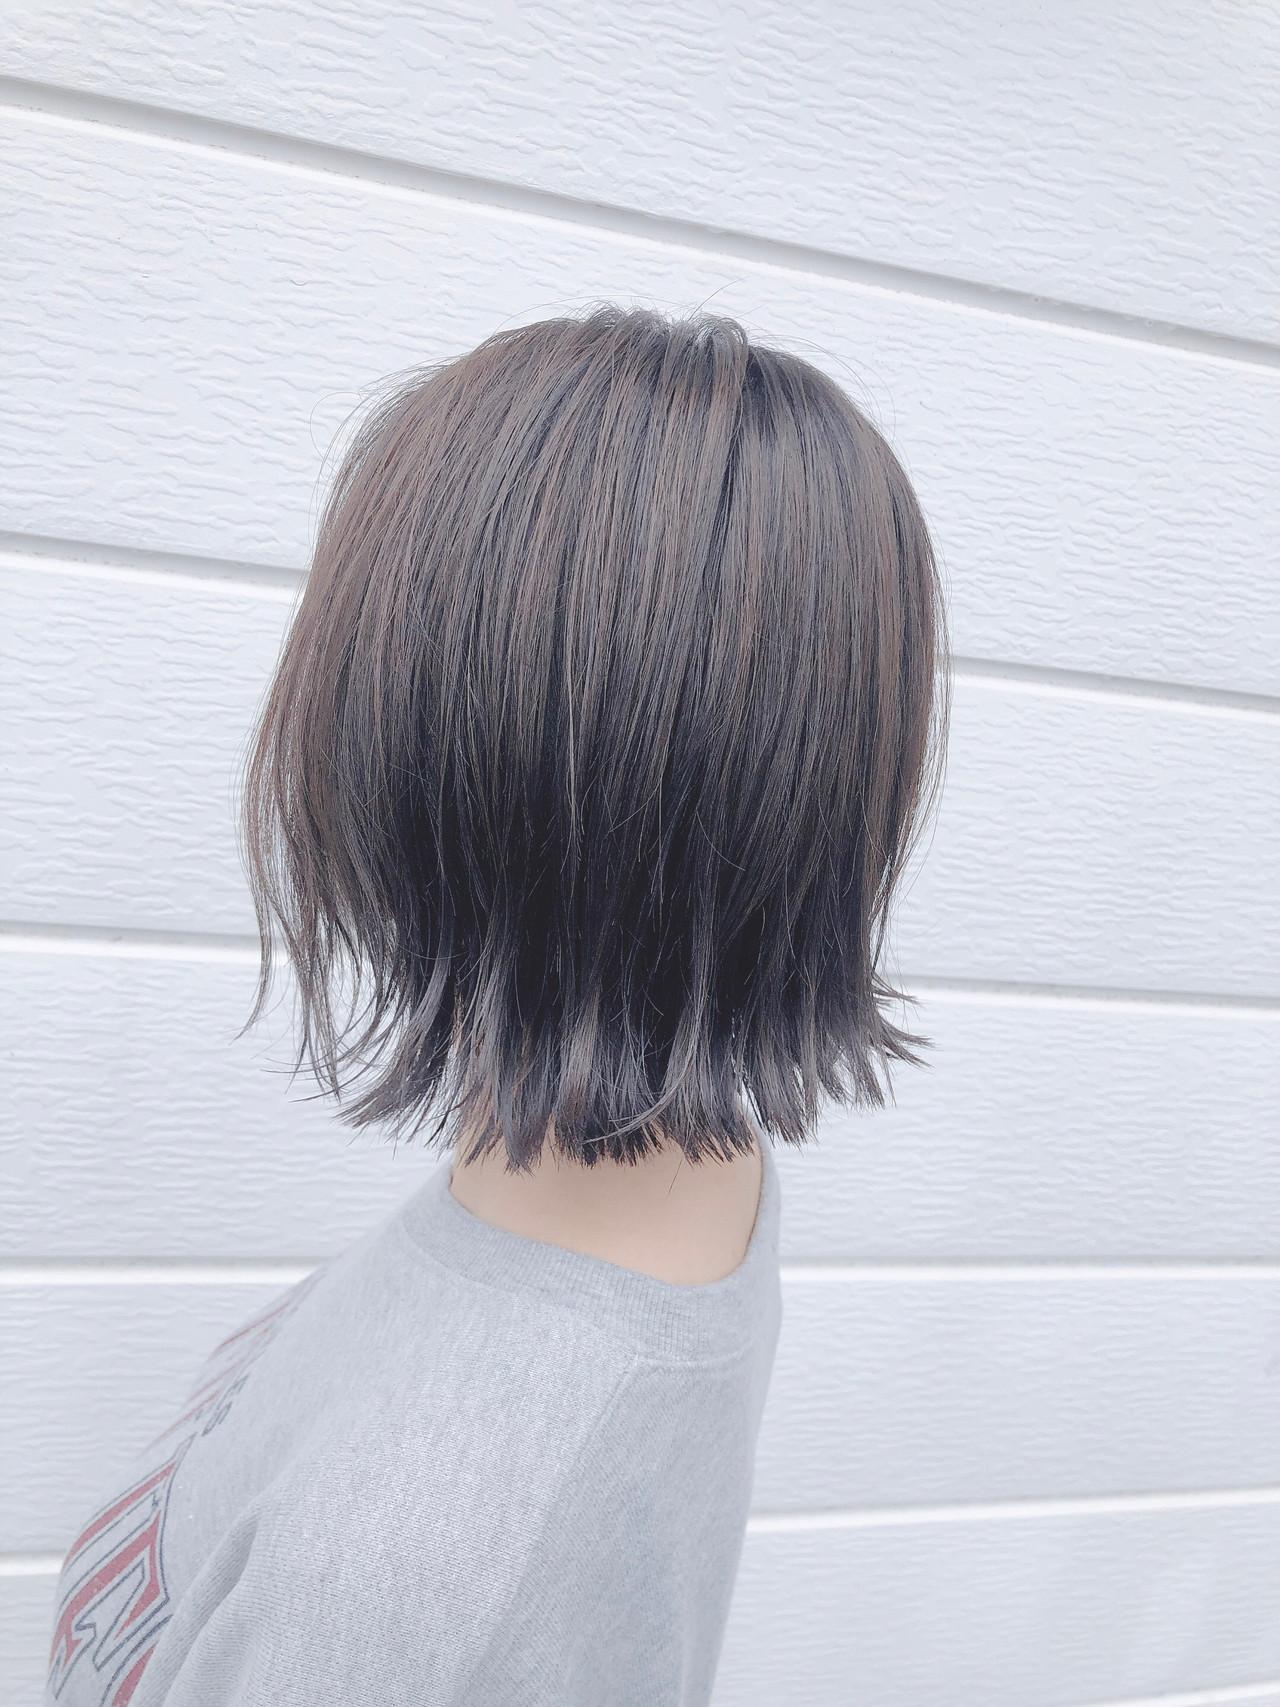 ヘアアレンジ ボブ ナチュラル アッシュグレージュ ヘアスタイルや髪型の写真・画像